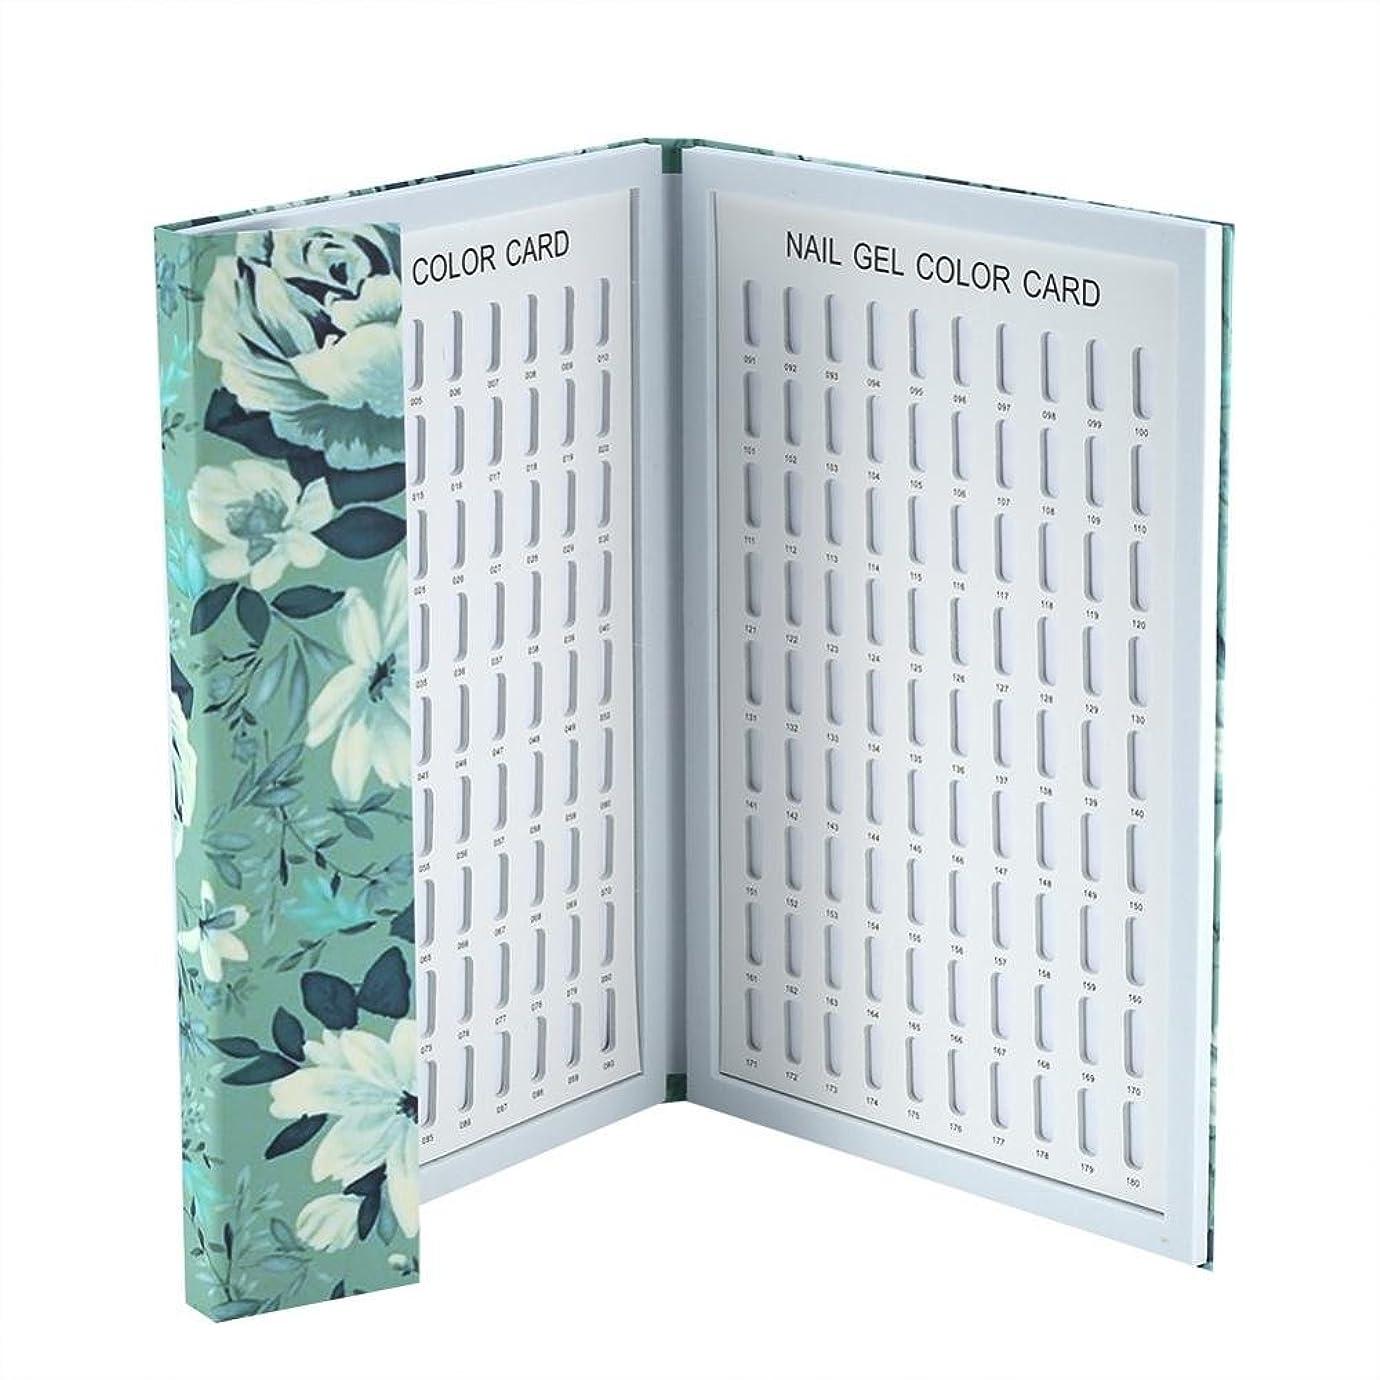 次へ祝う対処するカラーチャート ネイル - Delaman ネイル 色見本、ブック型、180色、カラーガイド、ジェルネイル、サンプル帳、ネイルアート、サロン、青/緑 (Color : 緑)